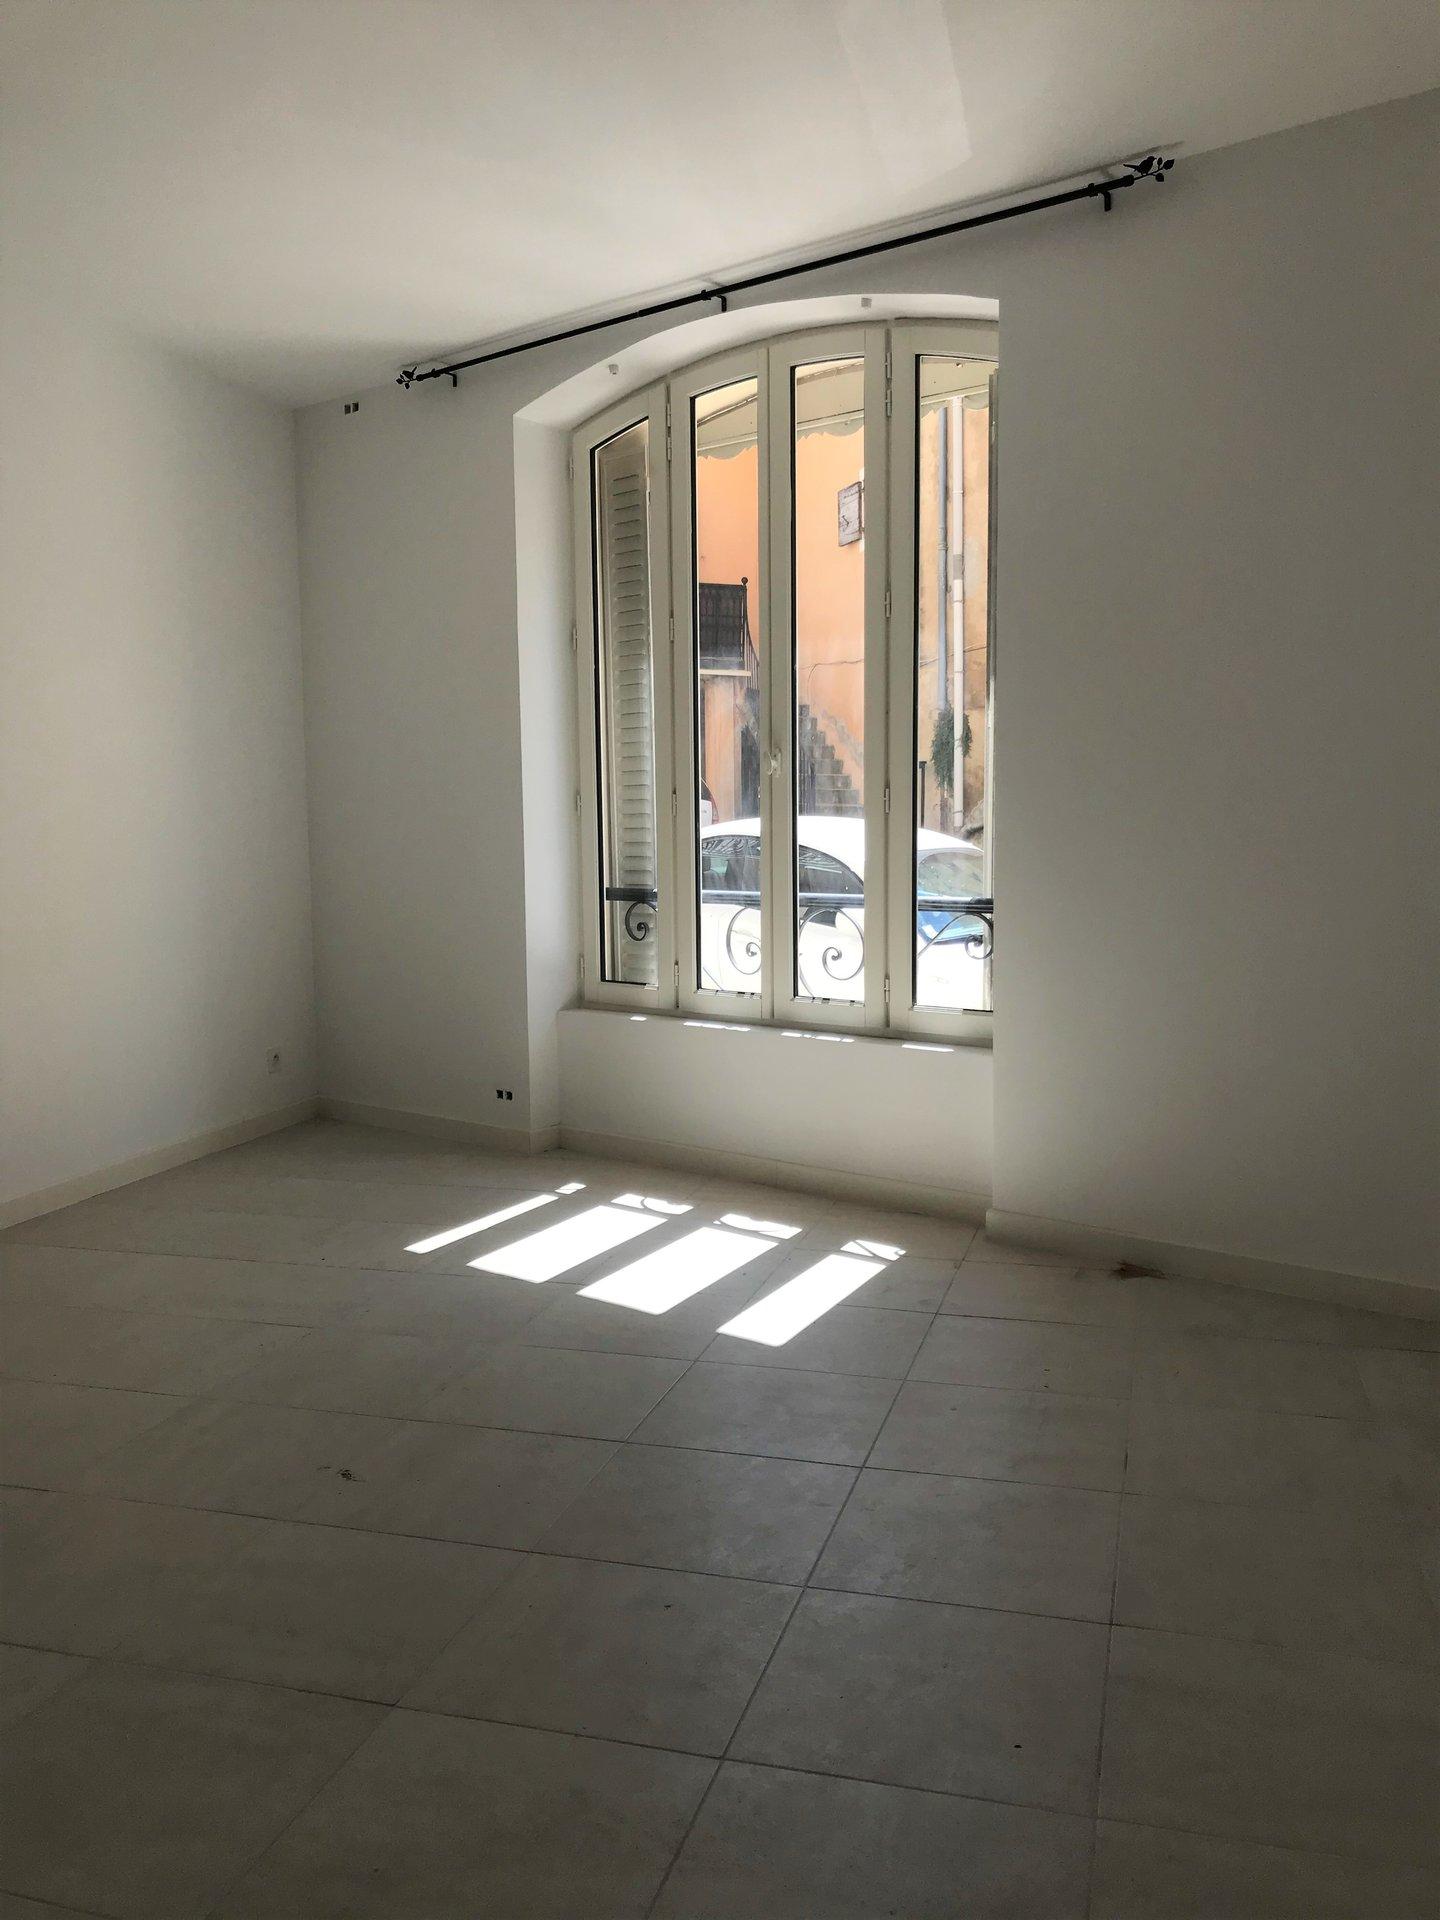 Appartement lumineux en RDC 2 pièces